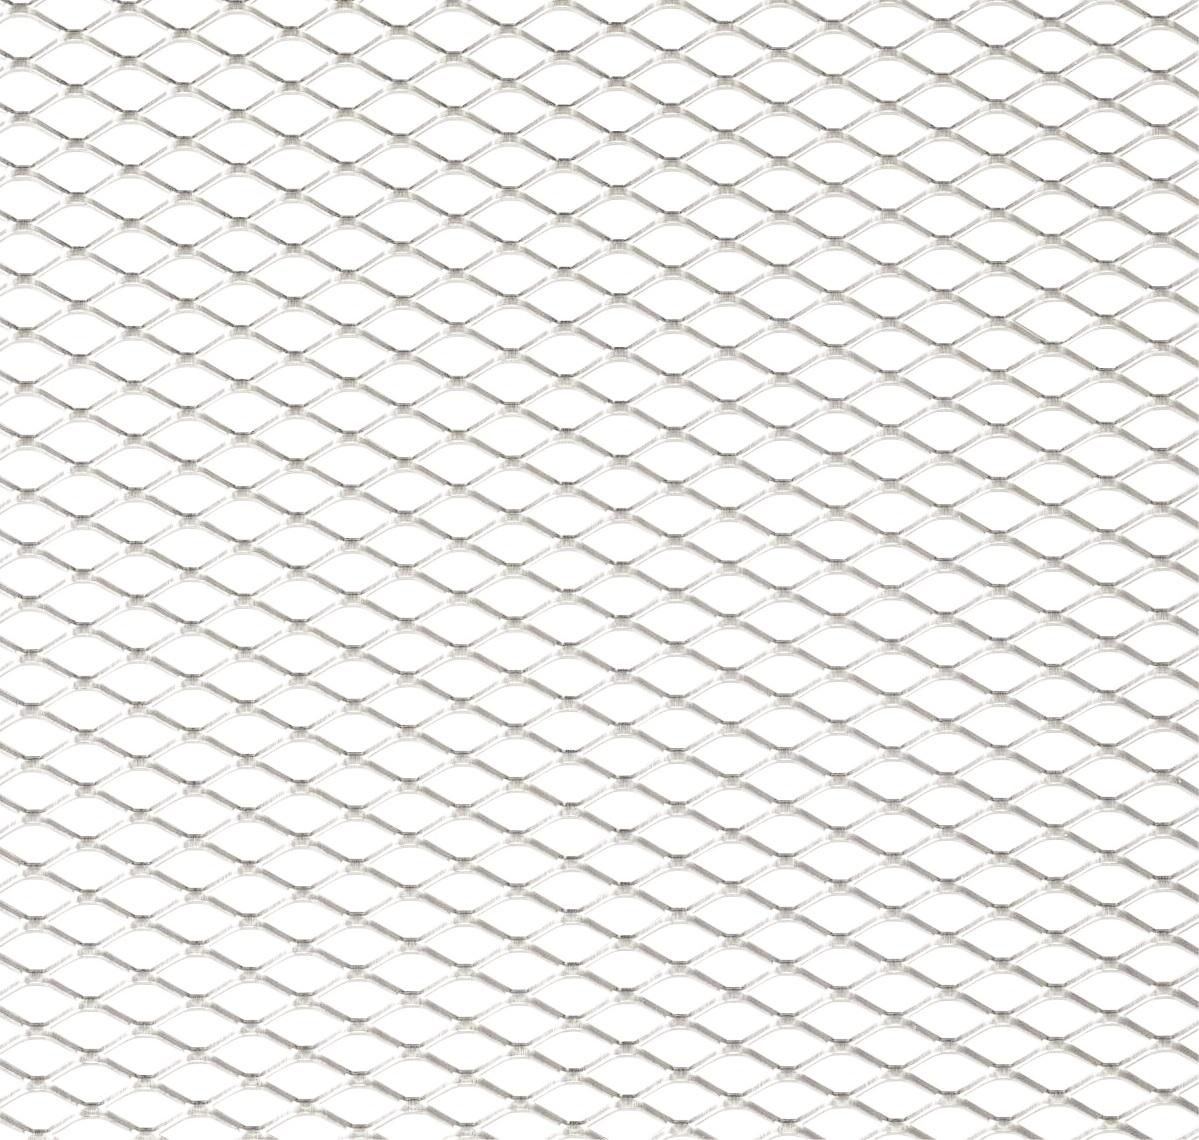 Hliníková mřížka (Tahokov) rozměr 1000x250 mm, AL 08 bílý MO